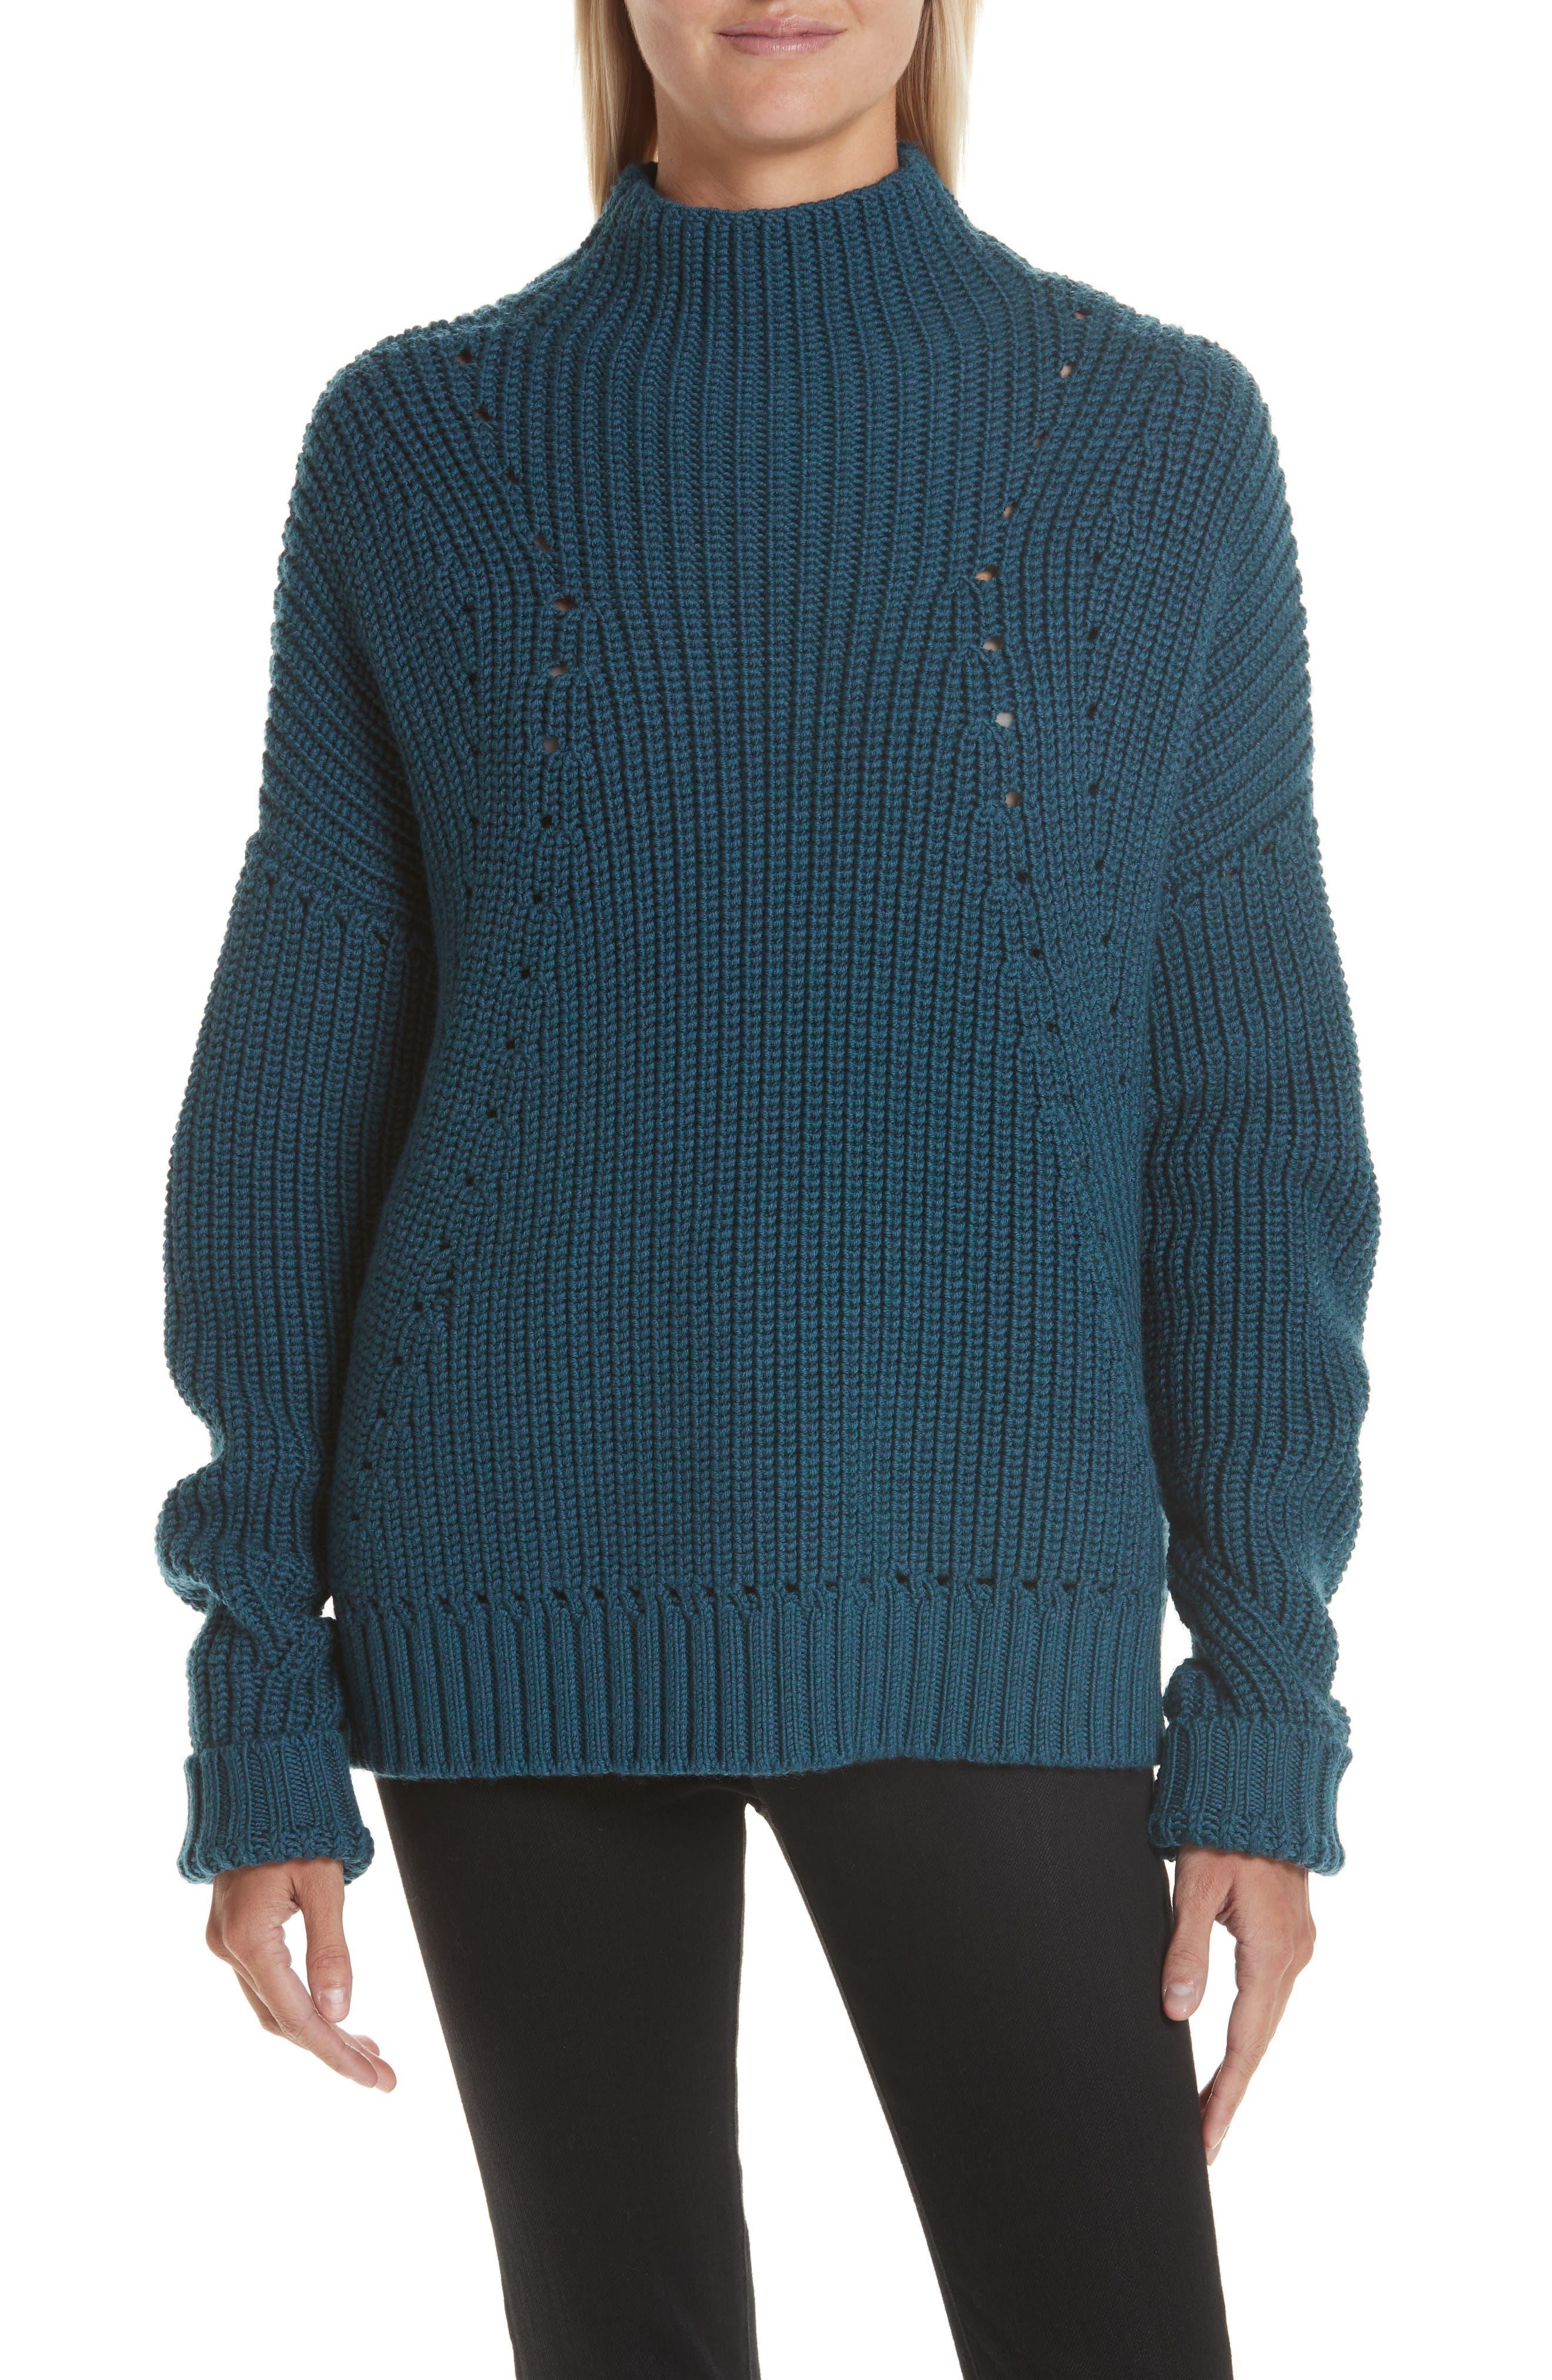 GREY JASON WU Merino Wool Mock Neck Sweater in Petrol Melange